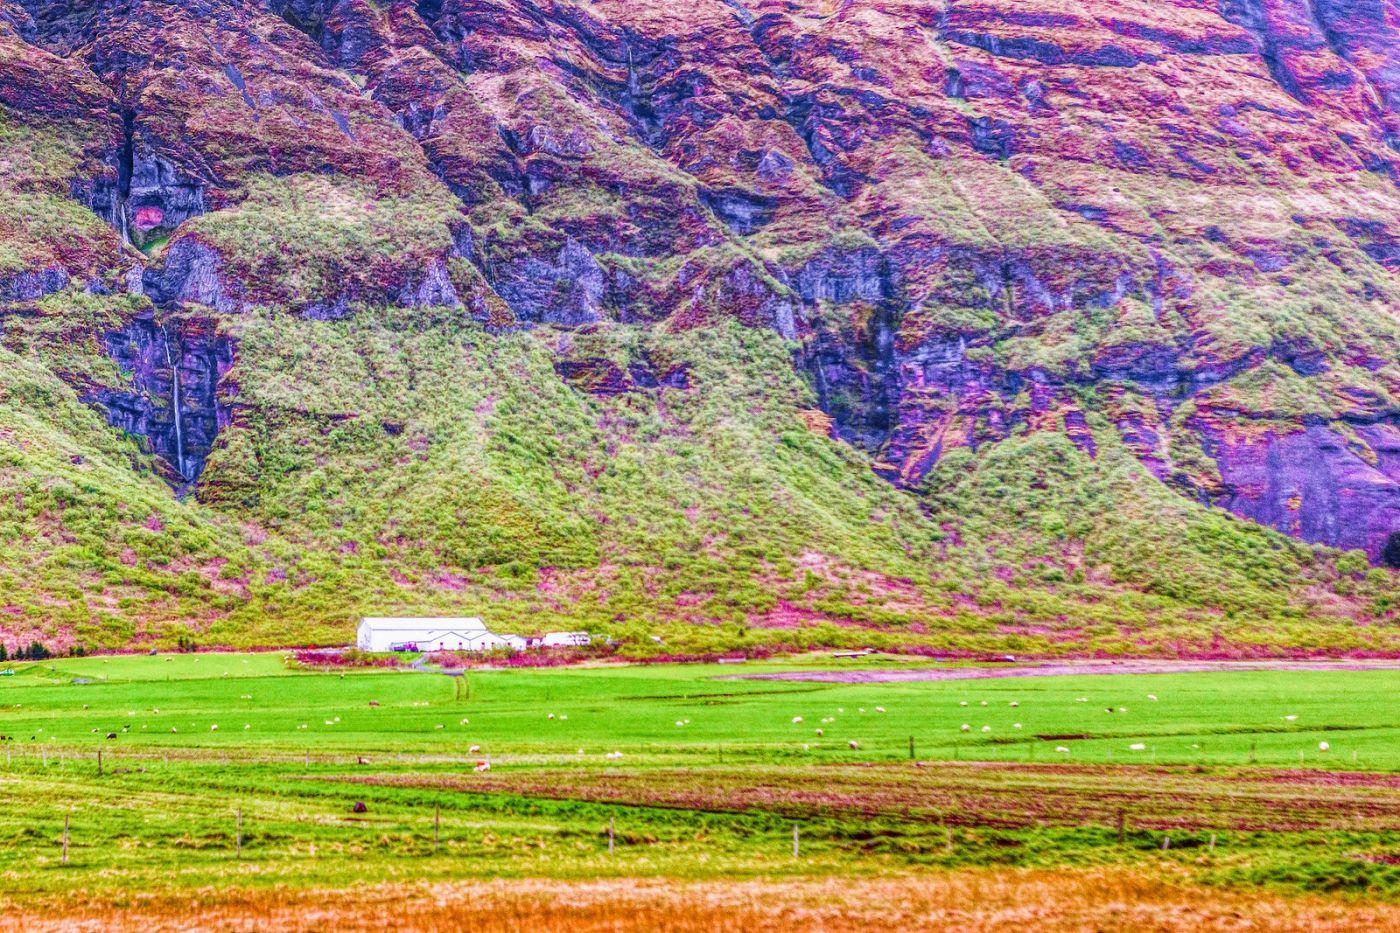 冰岛风采,大山民舍羊群_图1-32